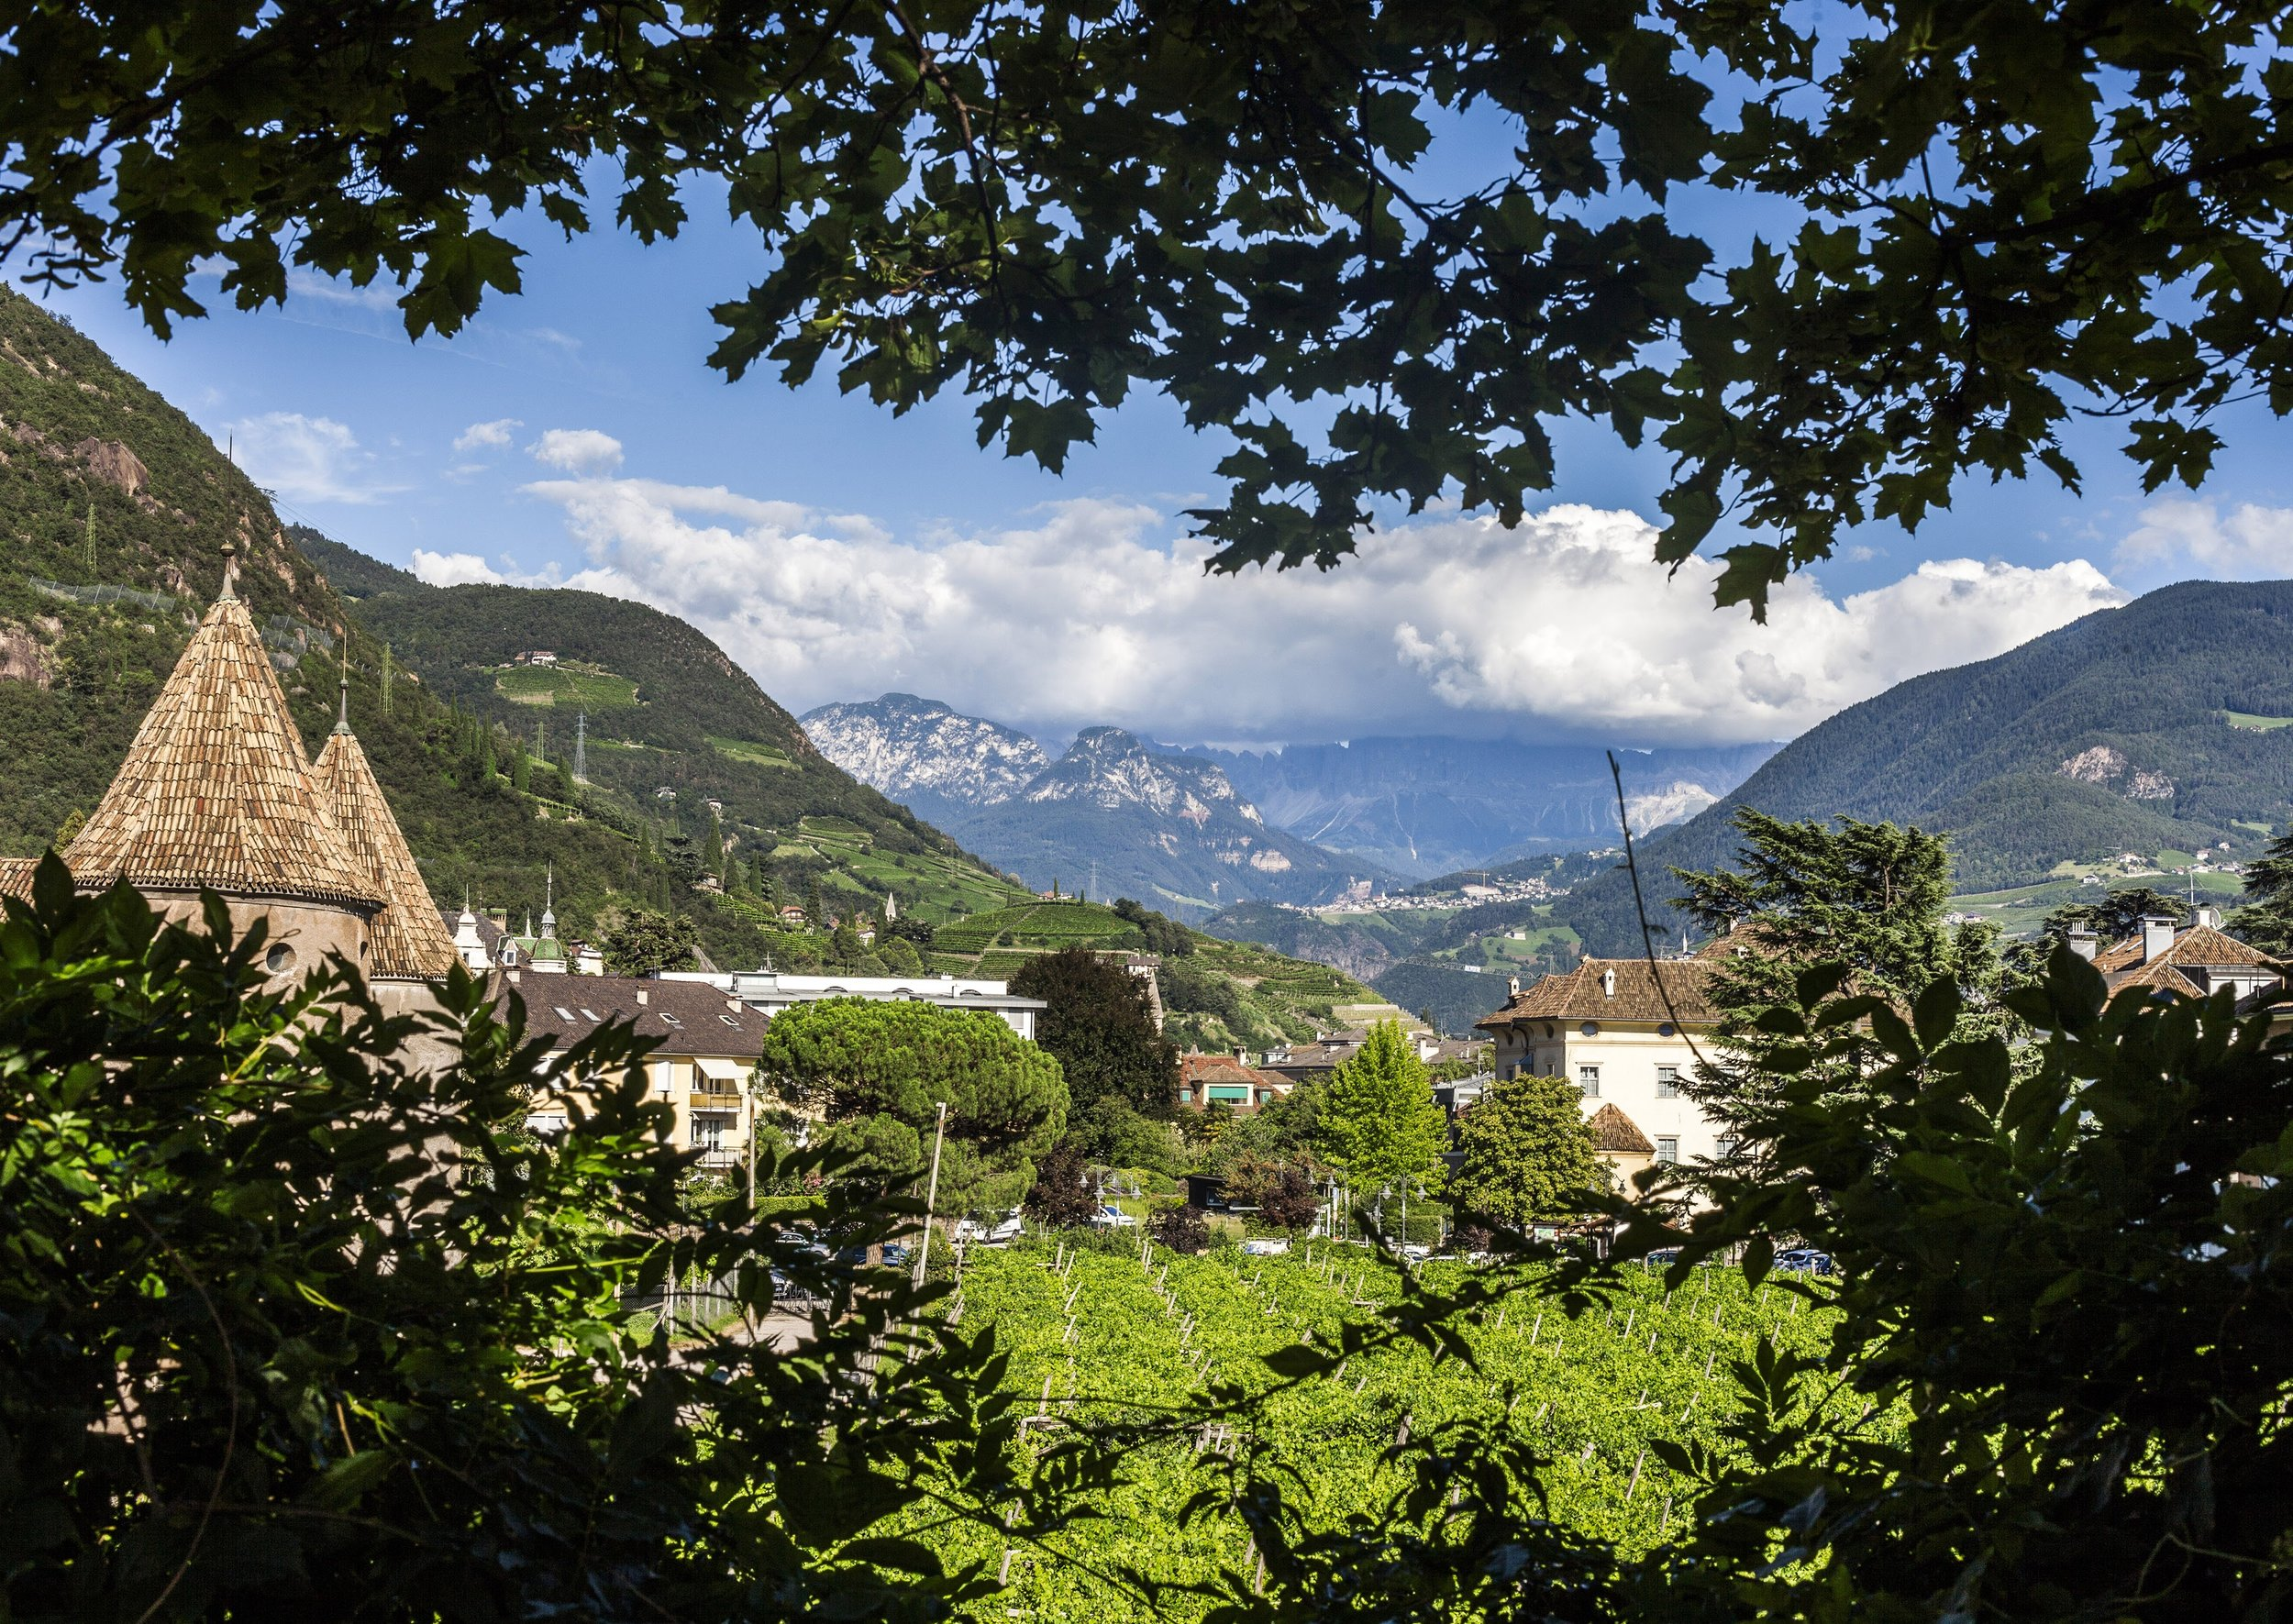 The famous Runkelstein Castle near Bolzano